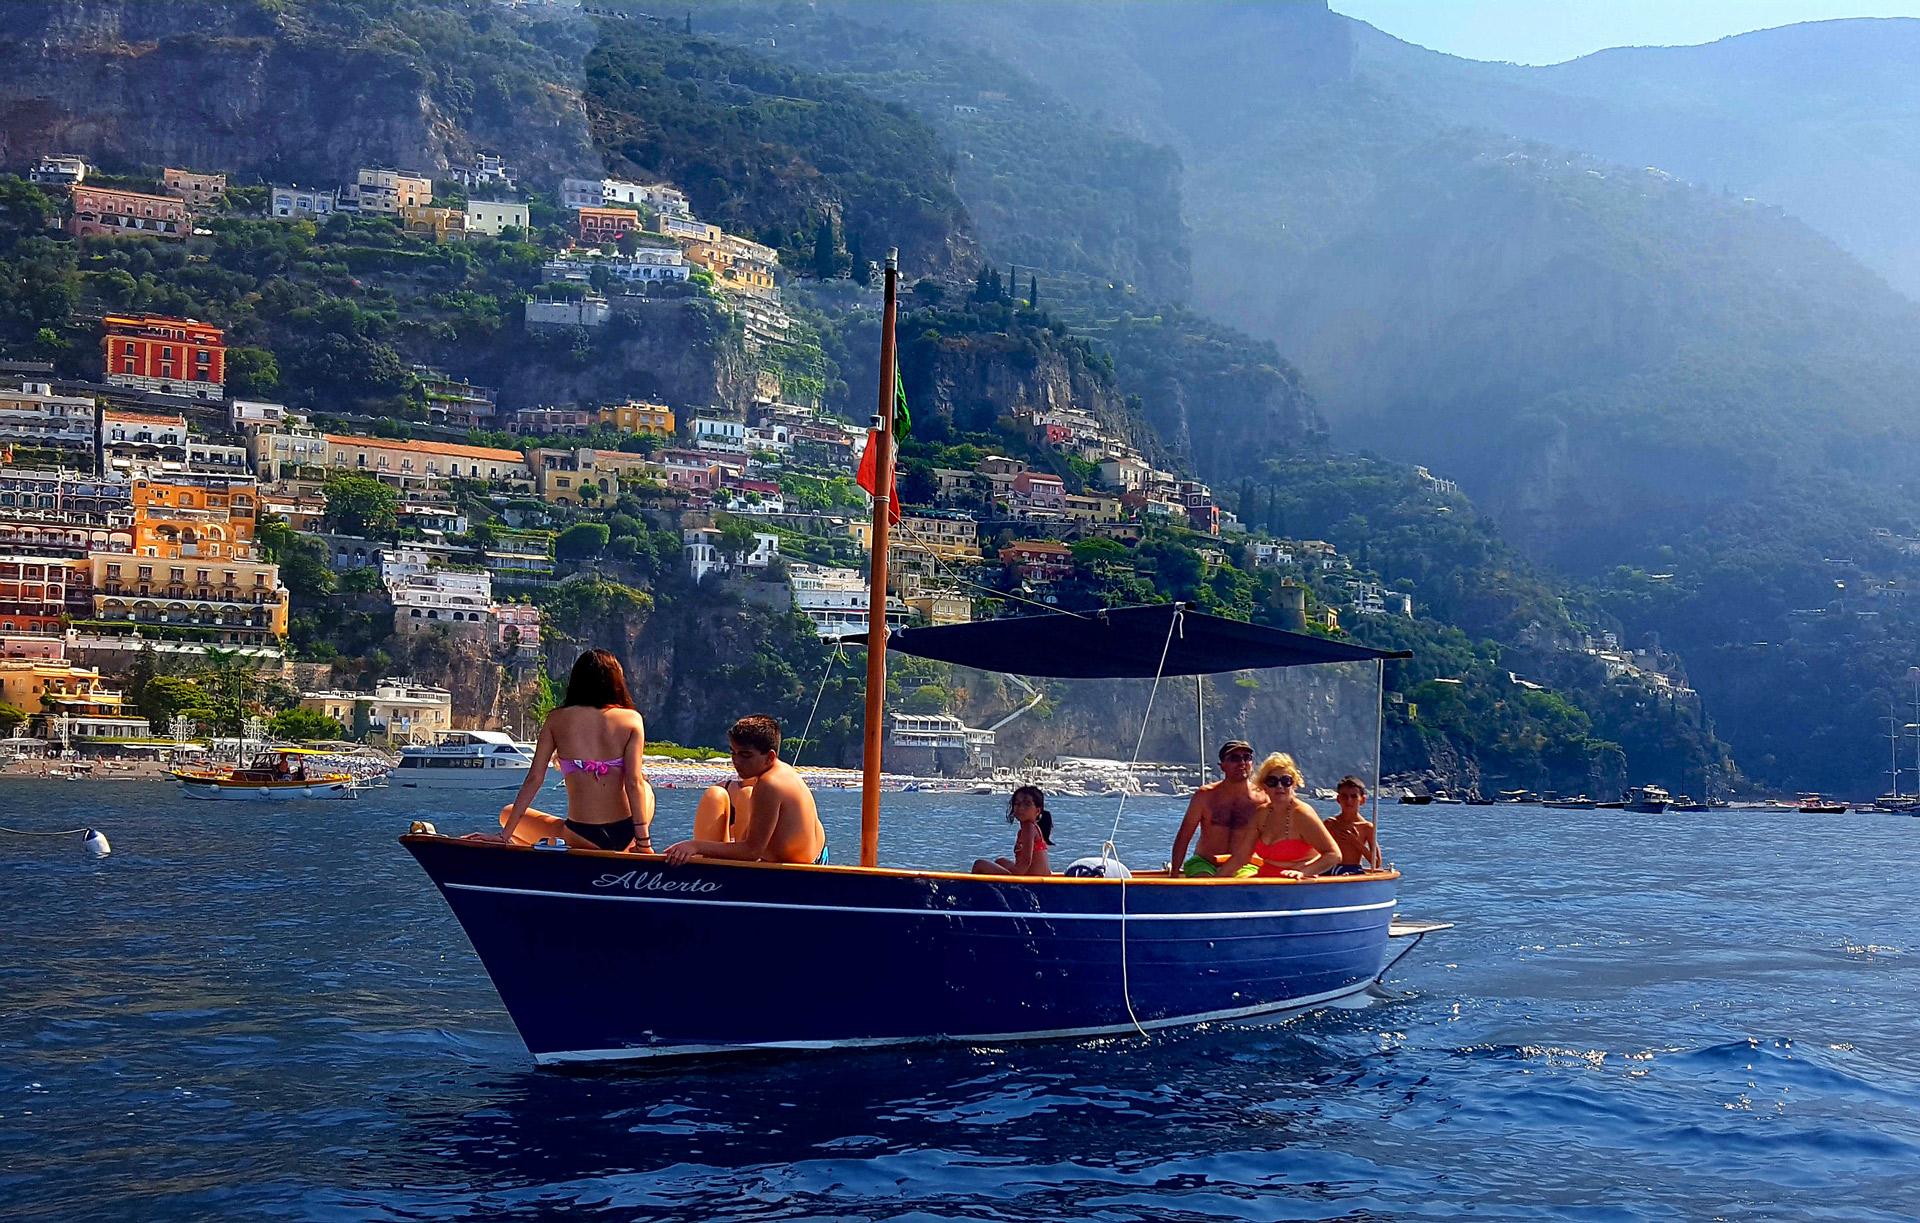 Noleggio imbarcazioni Praiano